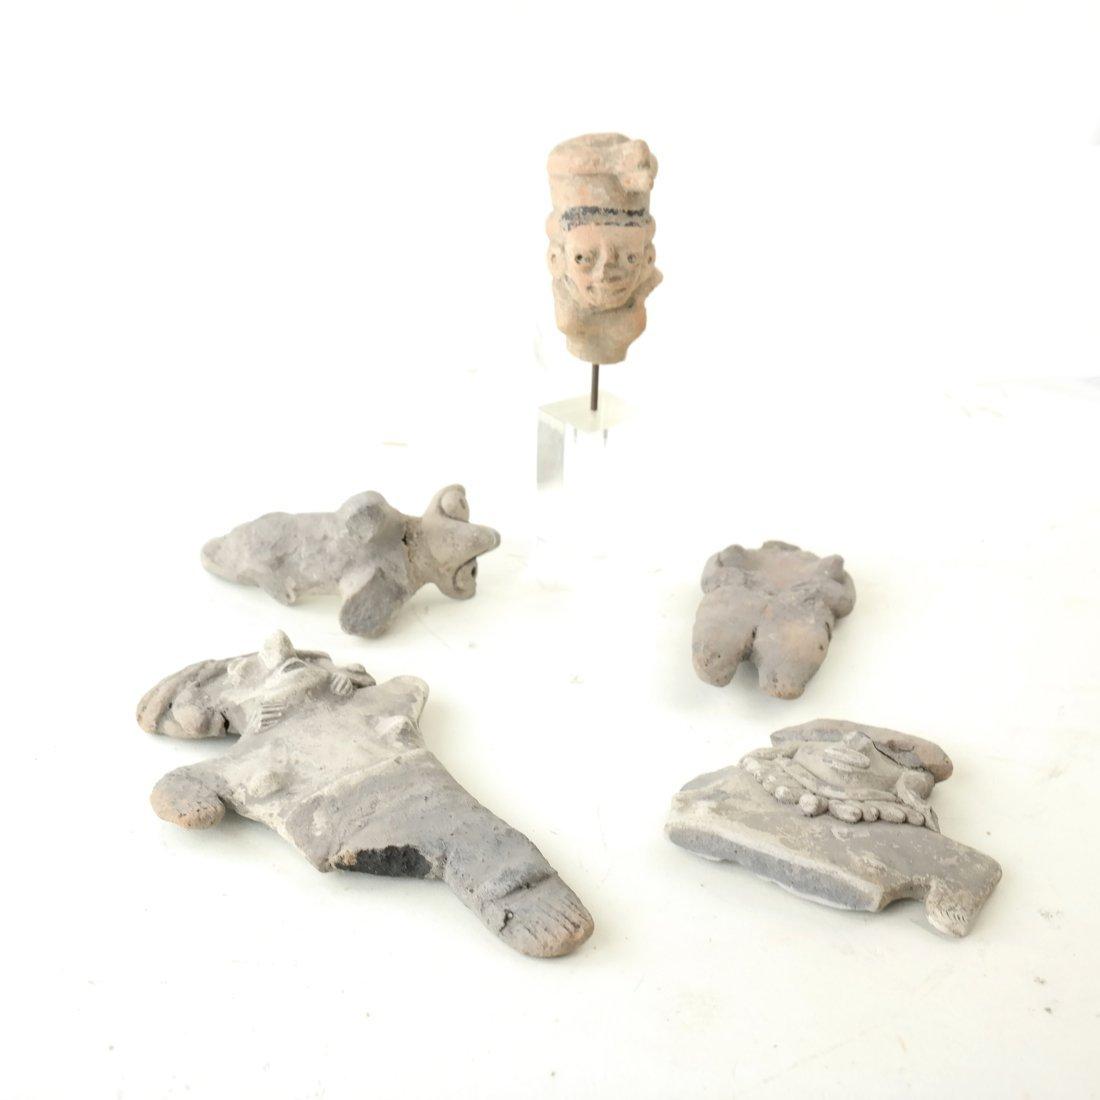 Five Antique Terra-cotta Items